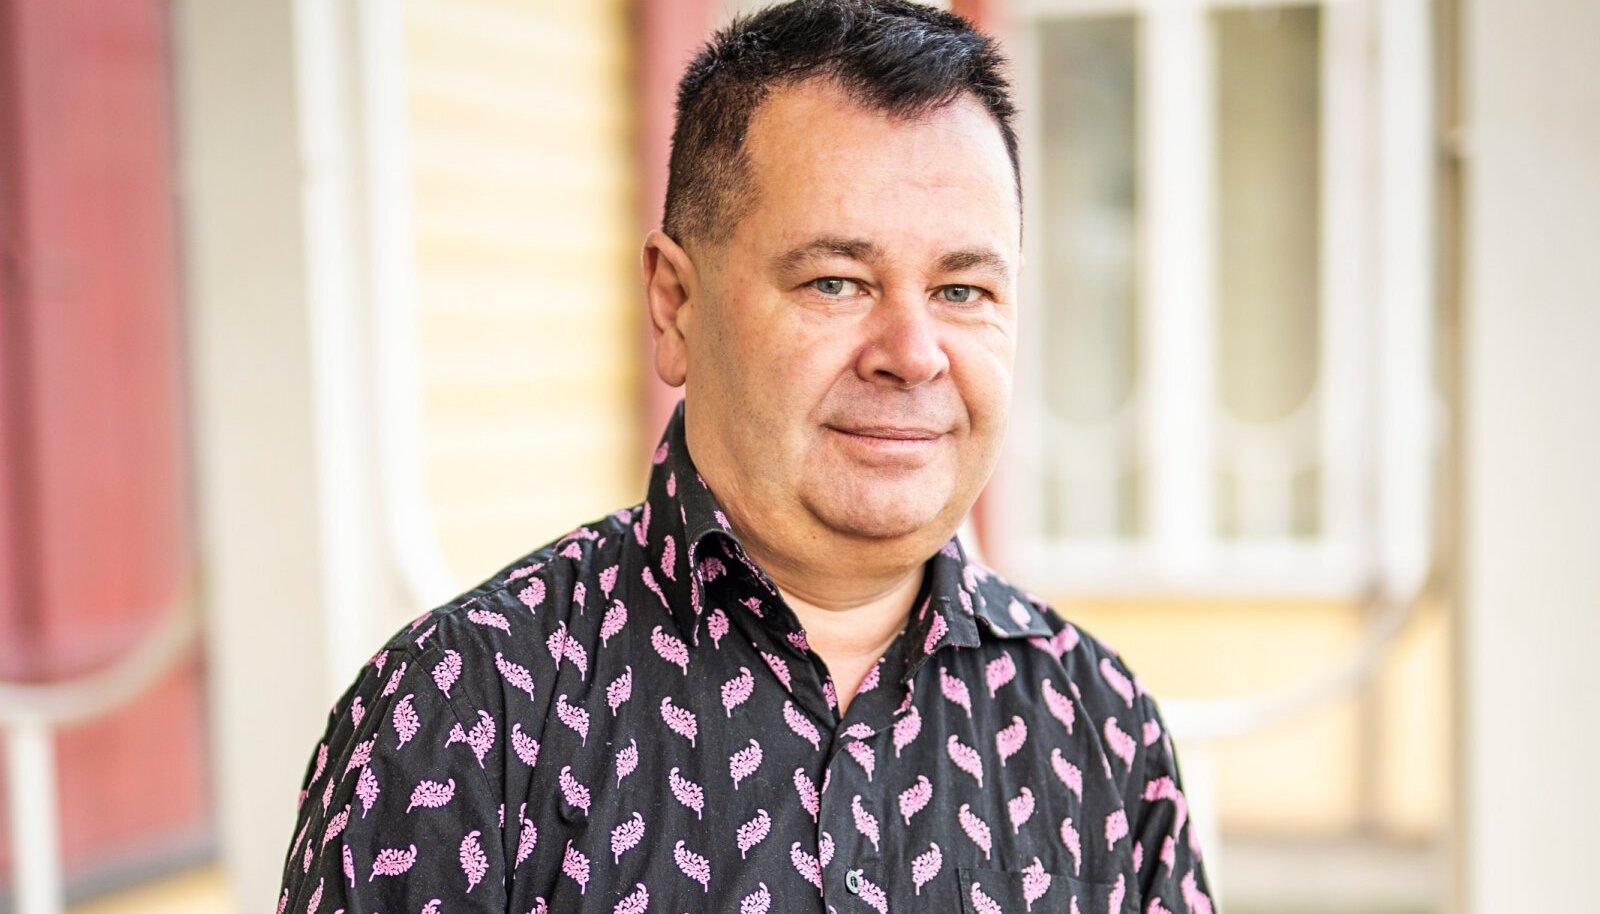 Georg Jurkanov